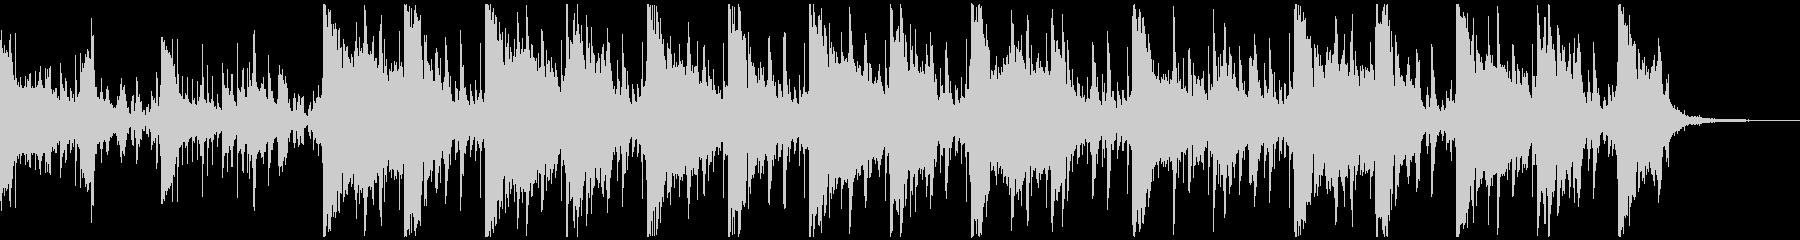 不気味の声が聞こえる現代的ポップホラーSの未再生の波形